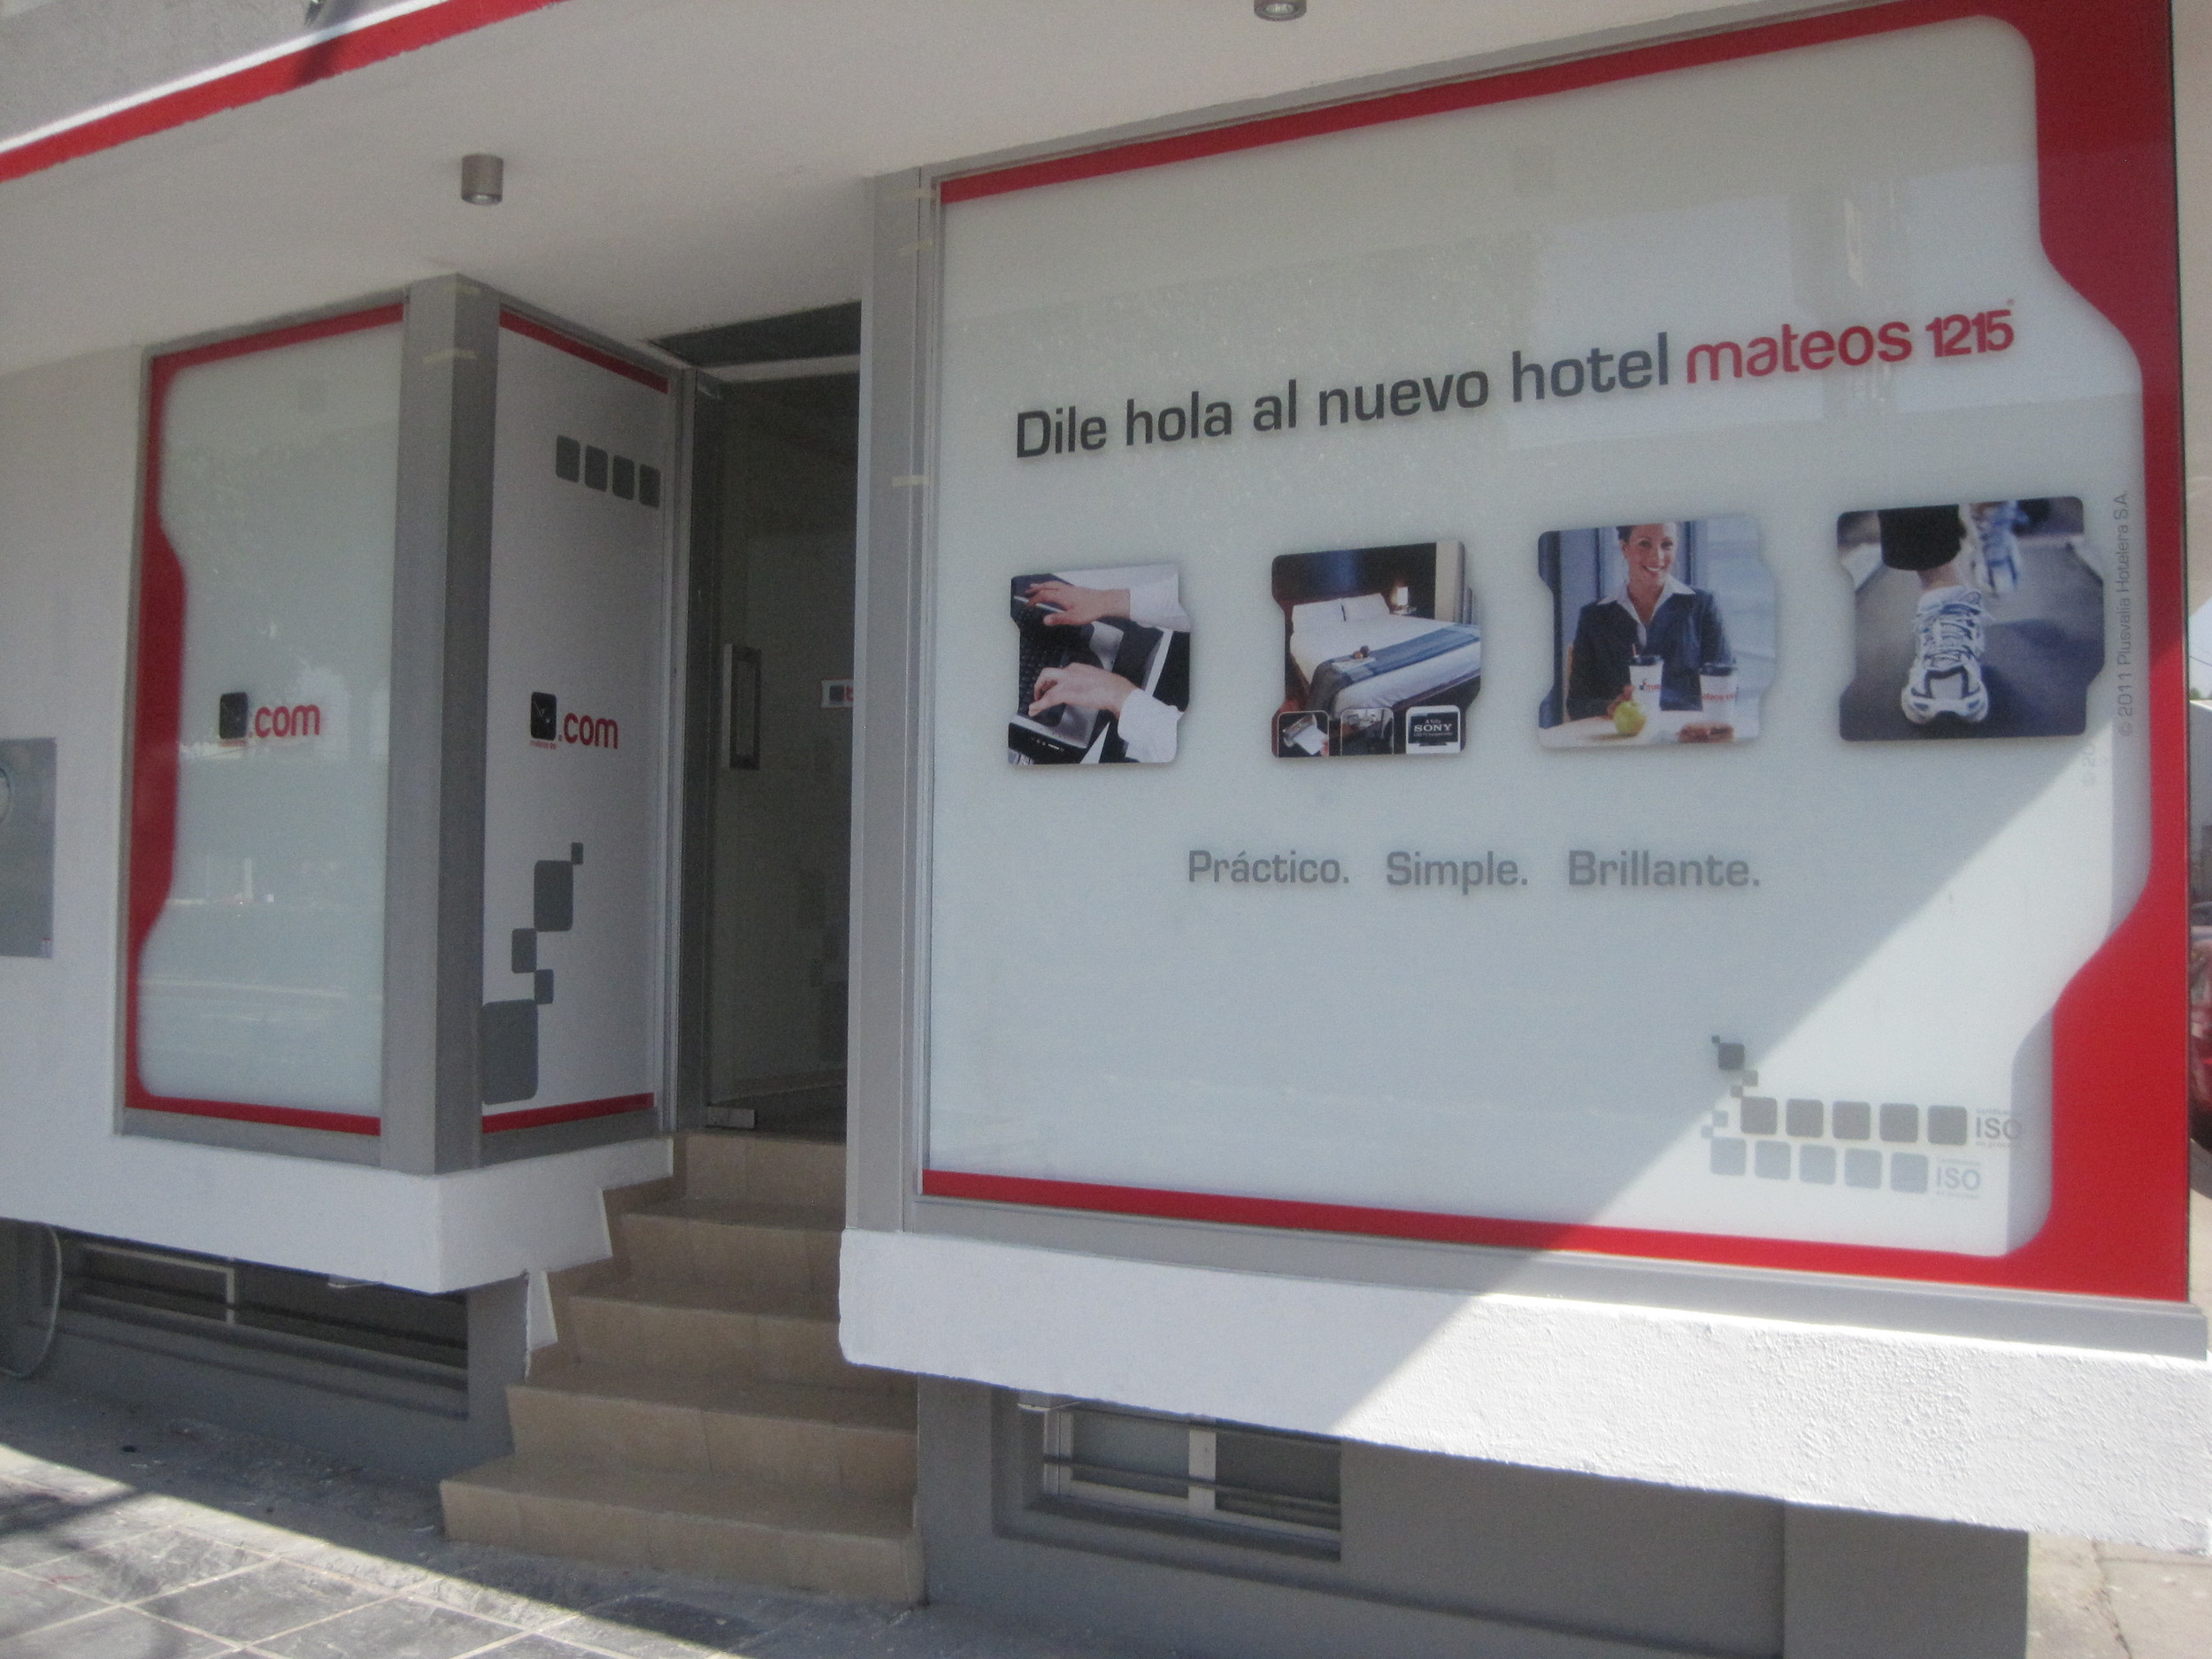 La entrada a una nueva categoría de valor-precio en hoteles.